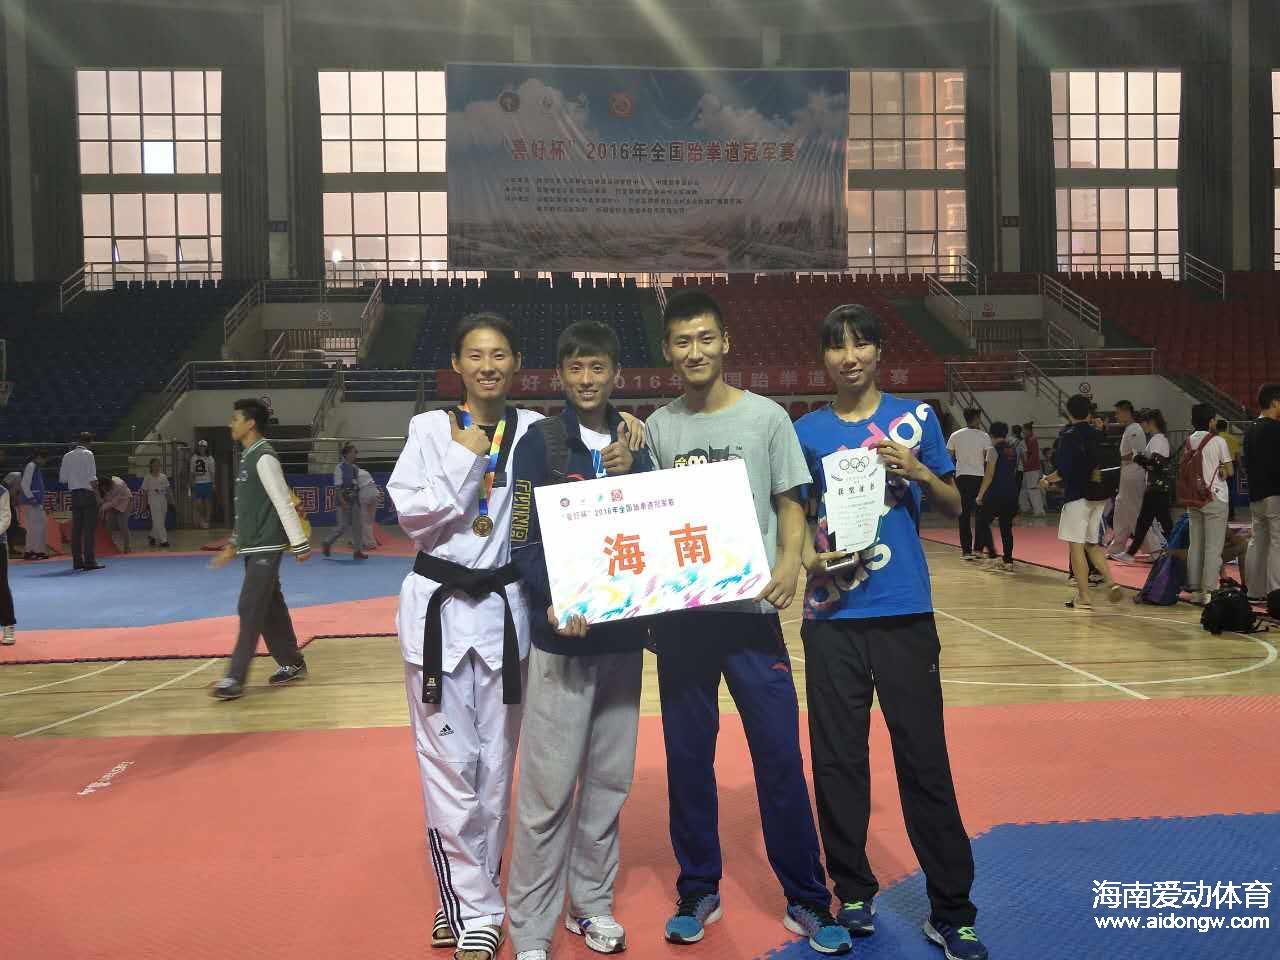 2016年全国跆拳道冠军赛 海南队高盼蝉联女子73公斤级冠军